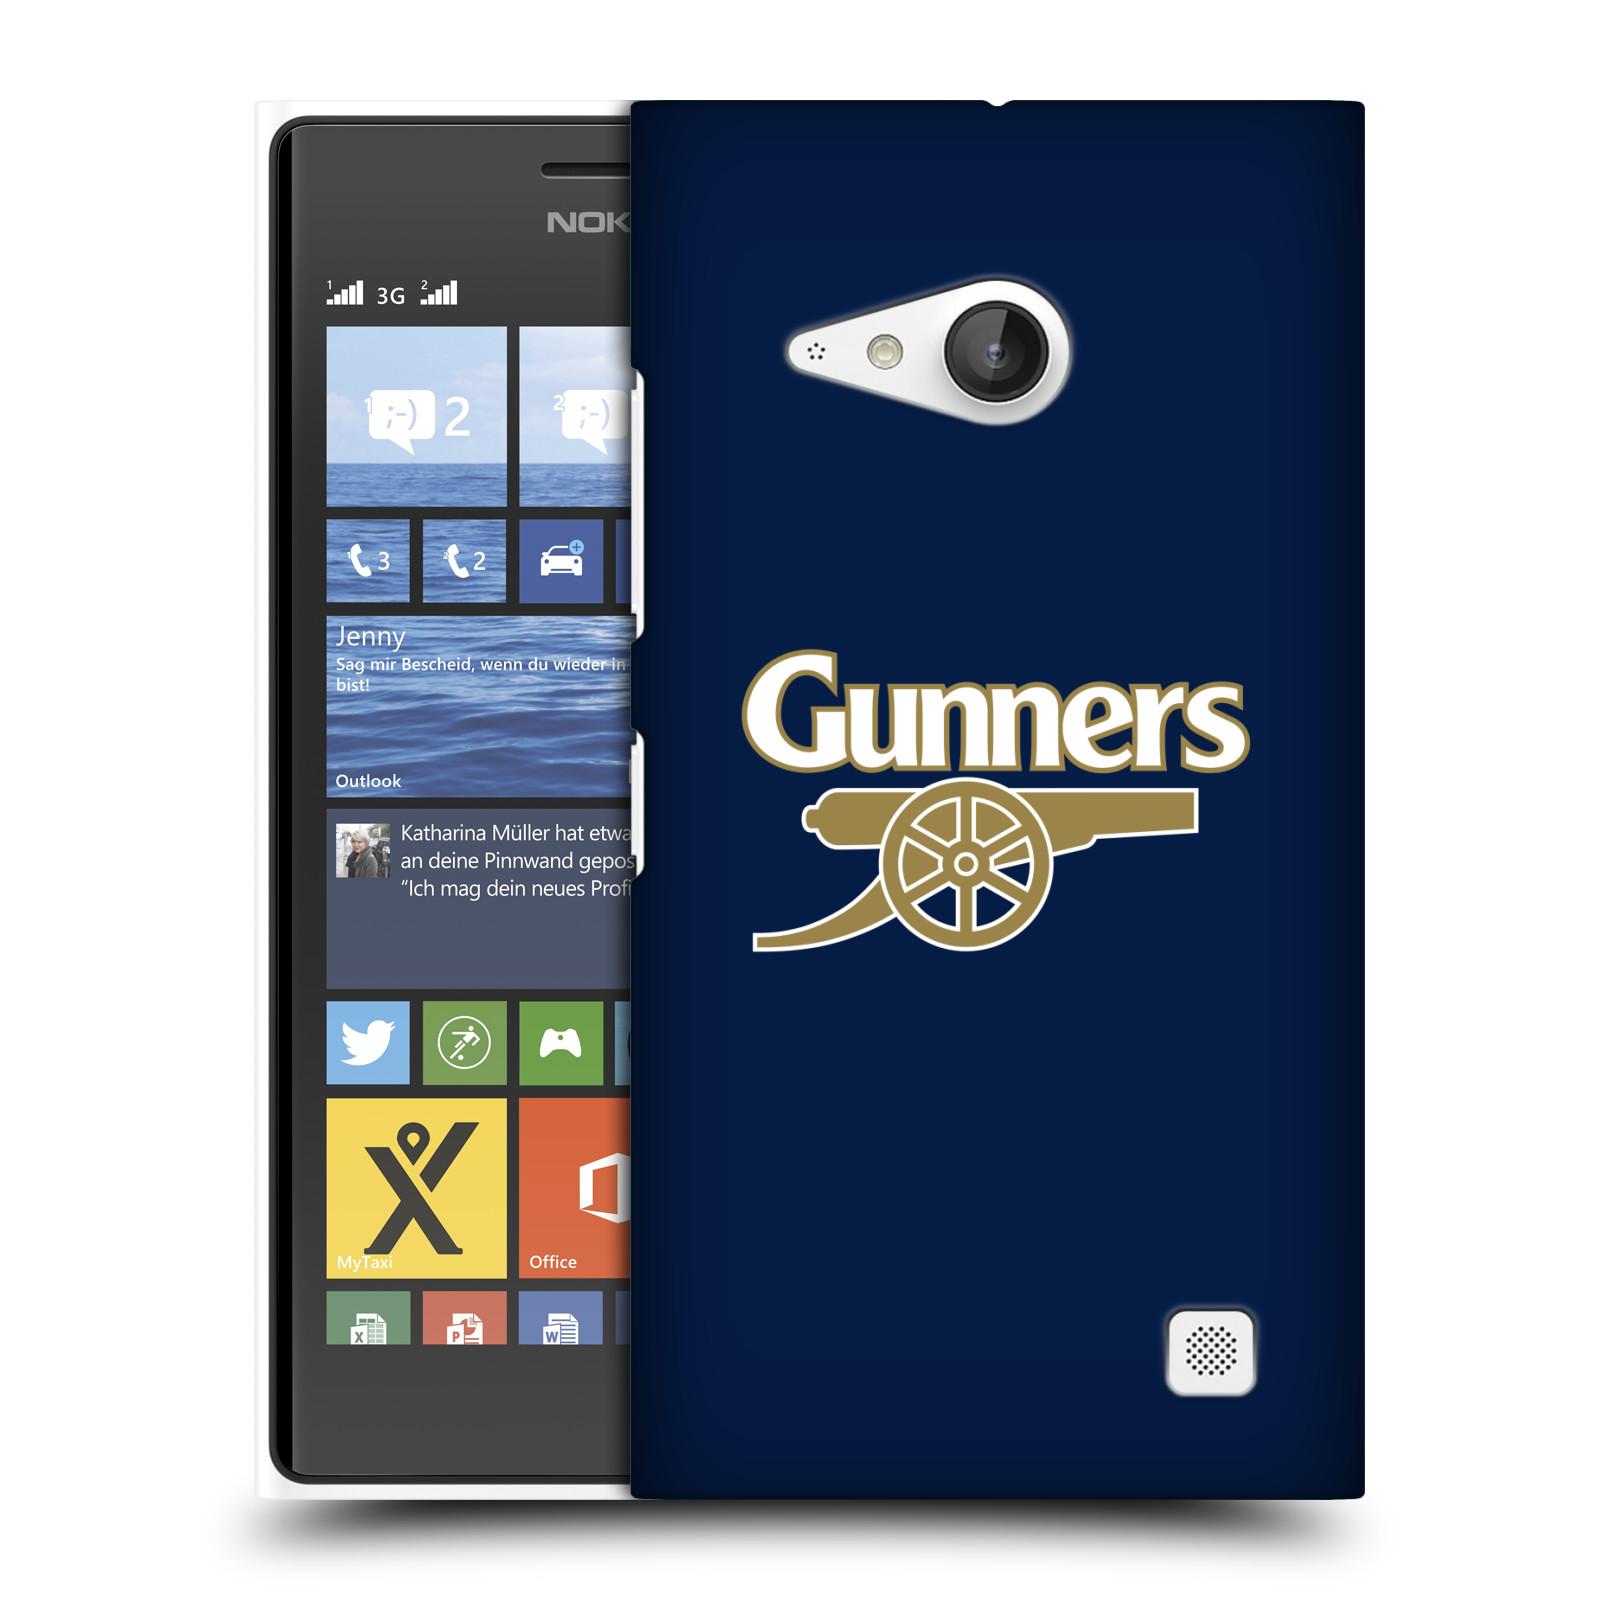 Plastové pouzdro na mobil Nokia Lumia 735 - Head Case - Arsenal FC - Gunners